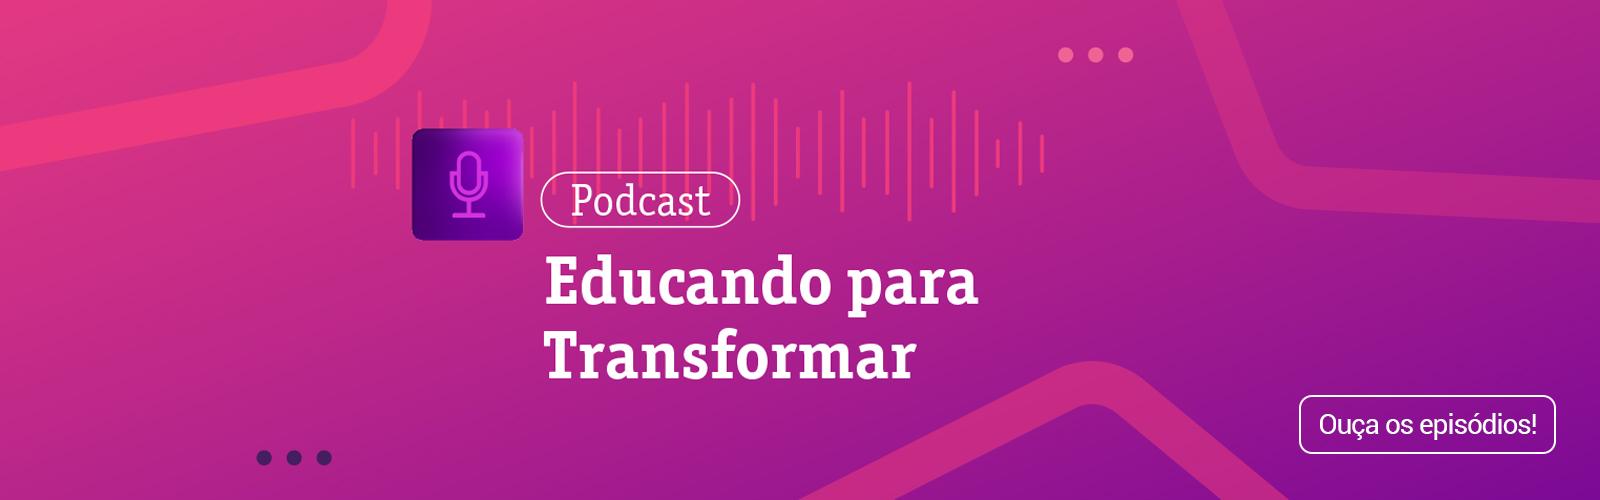 Fundação Telefônica Vivo Lança Podcasts sobre Educação